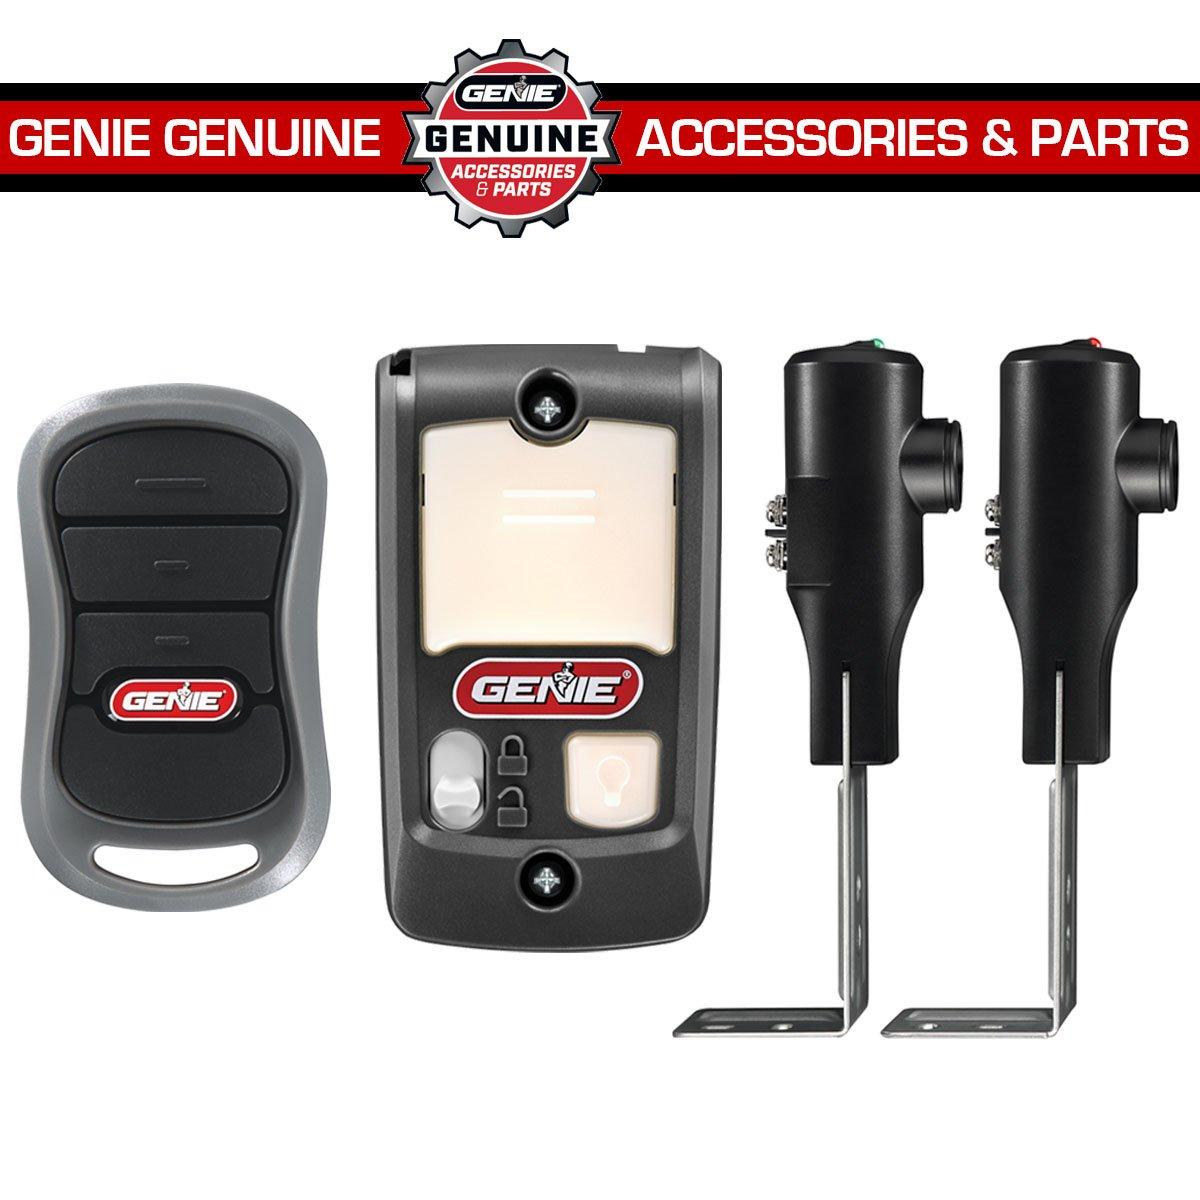 Genie Powerlift Garage Door Opener 189 Hp Ac Screw Opener